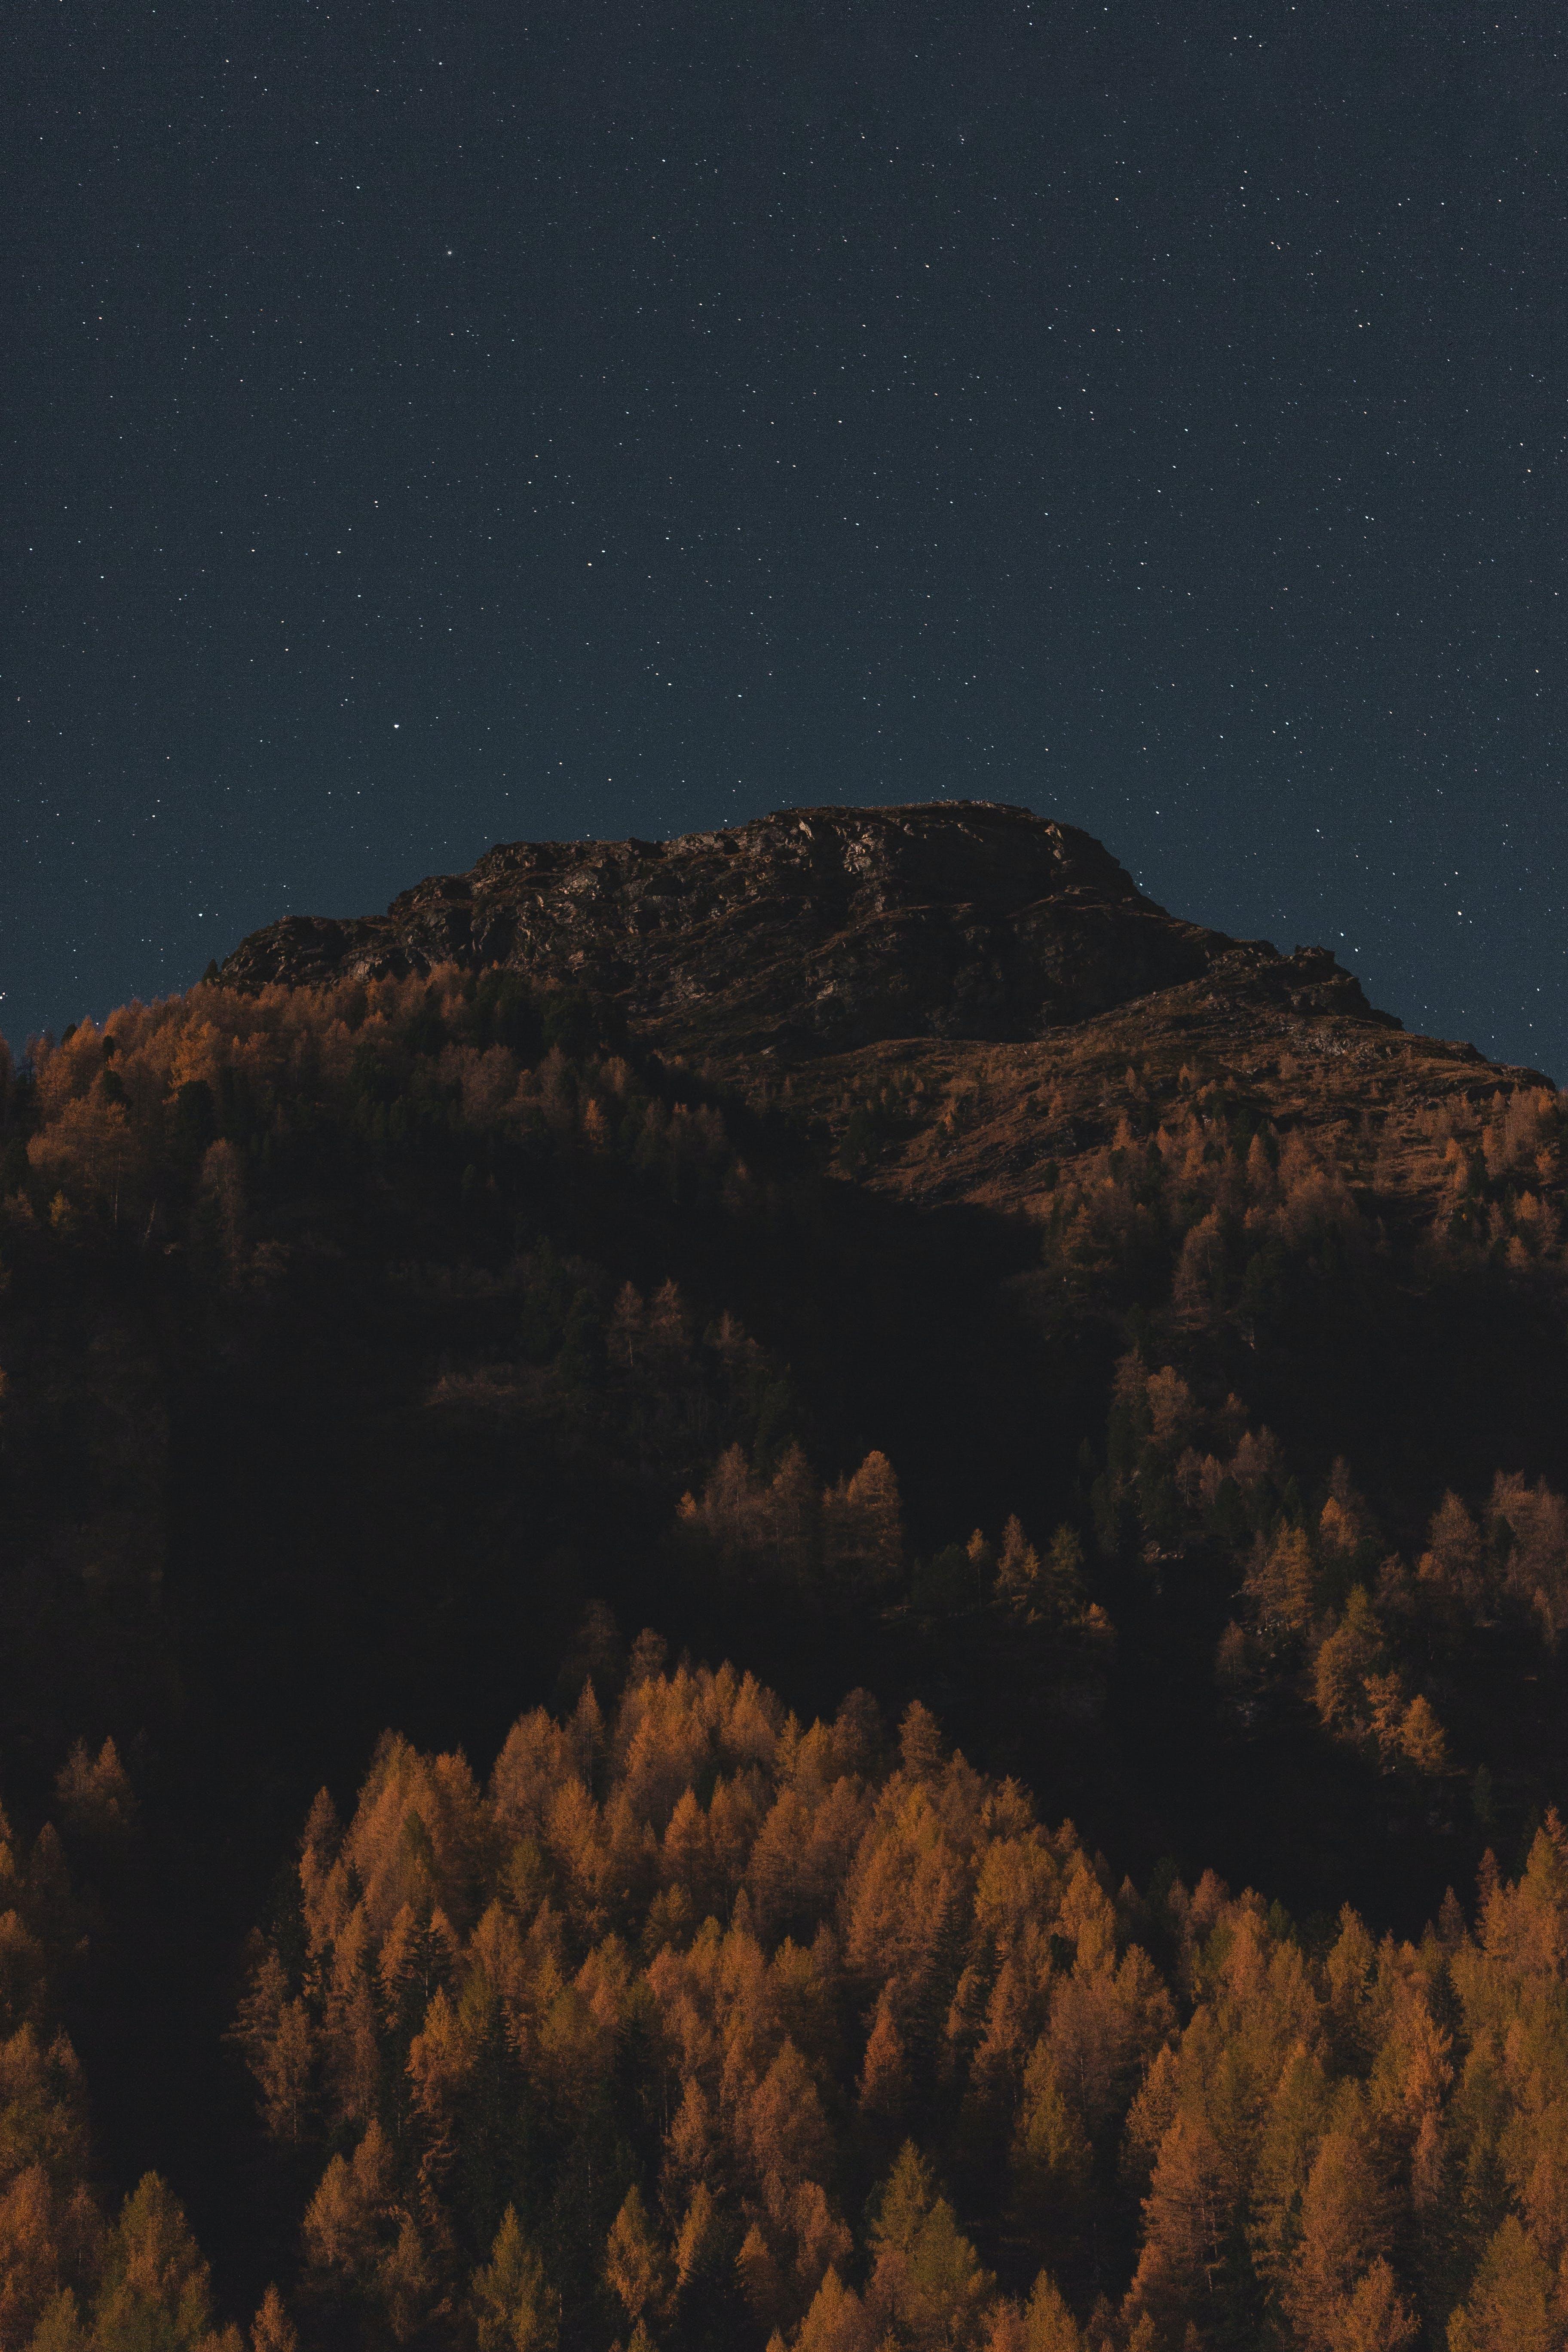 abend, astronomie, bäume